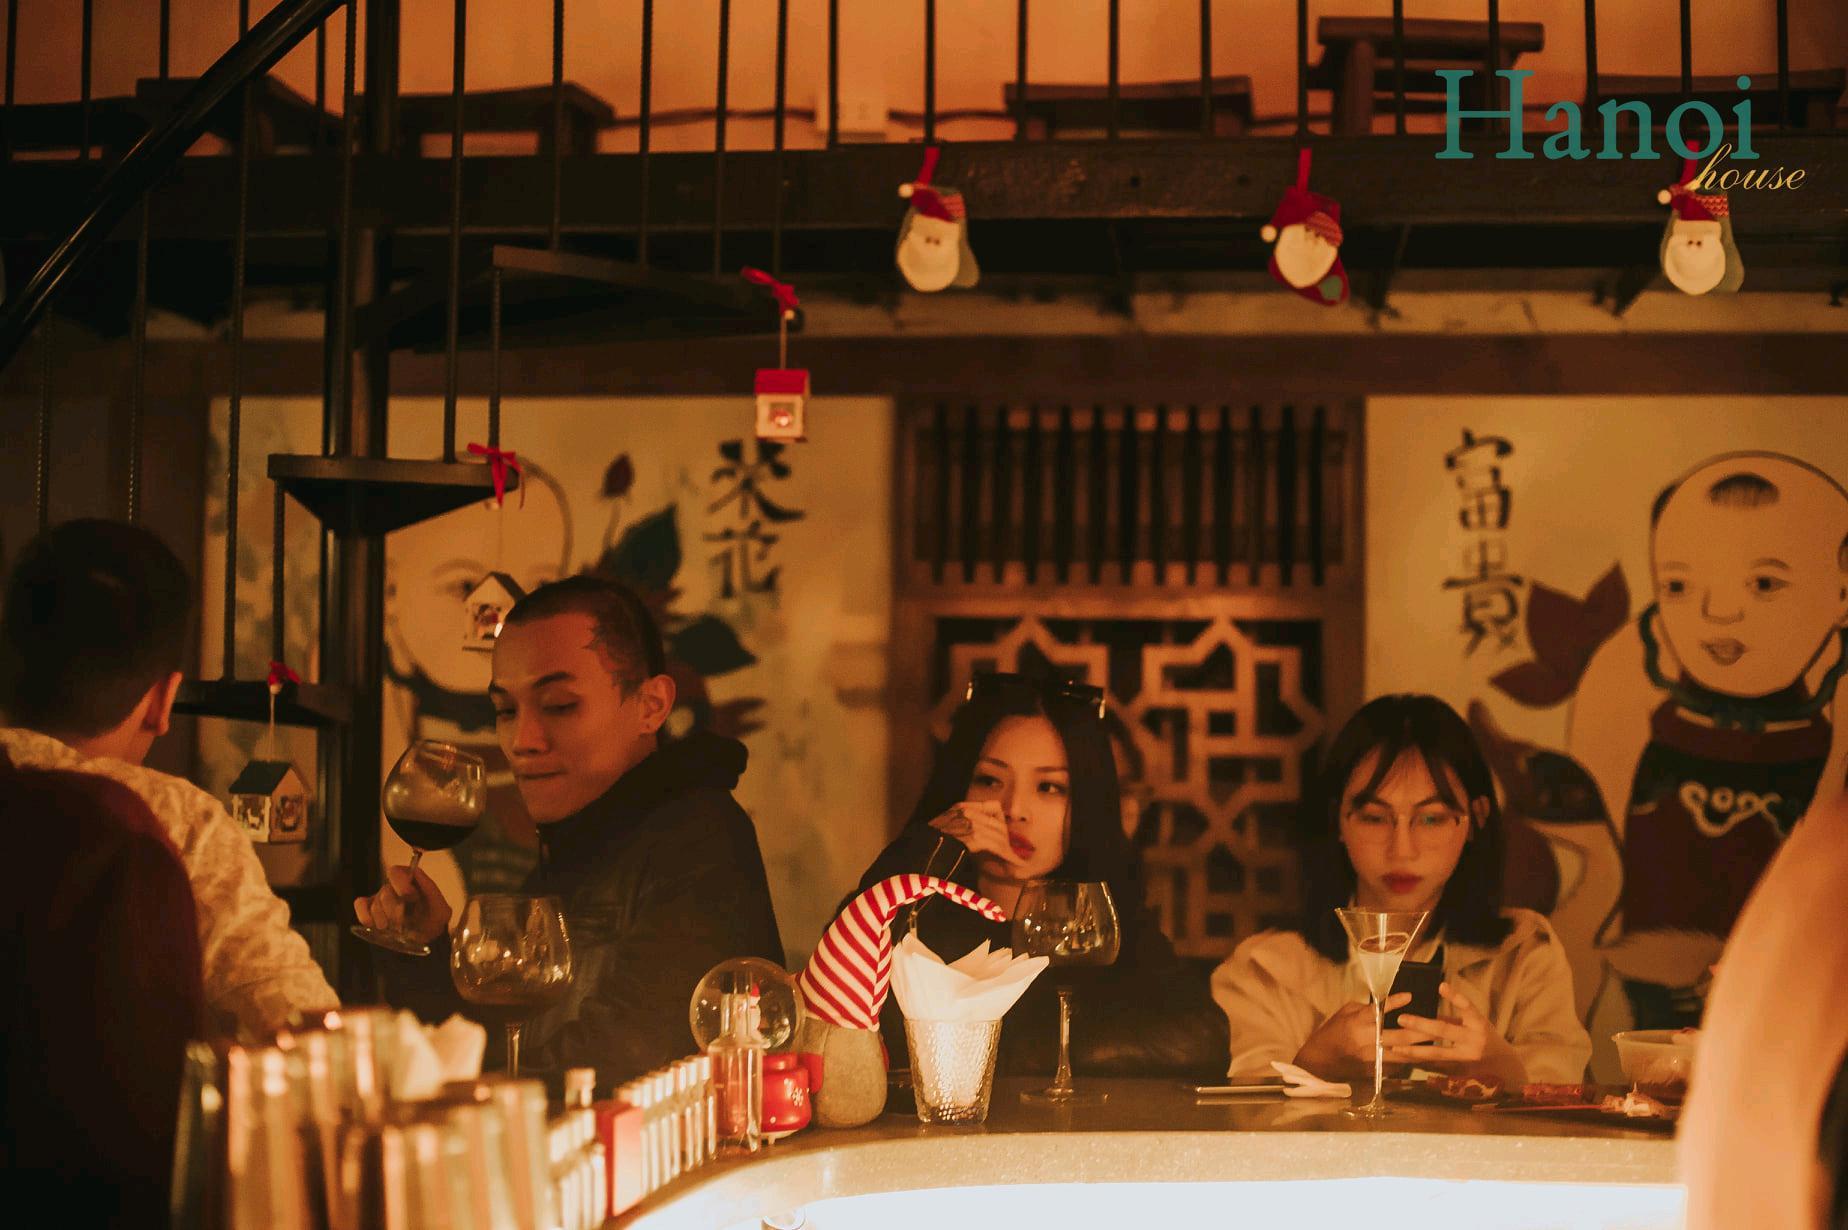 Hanoi House bar